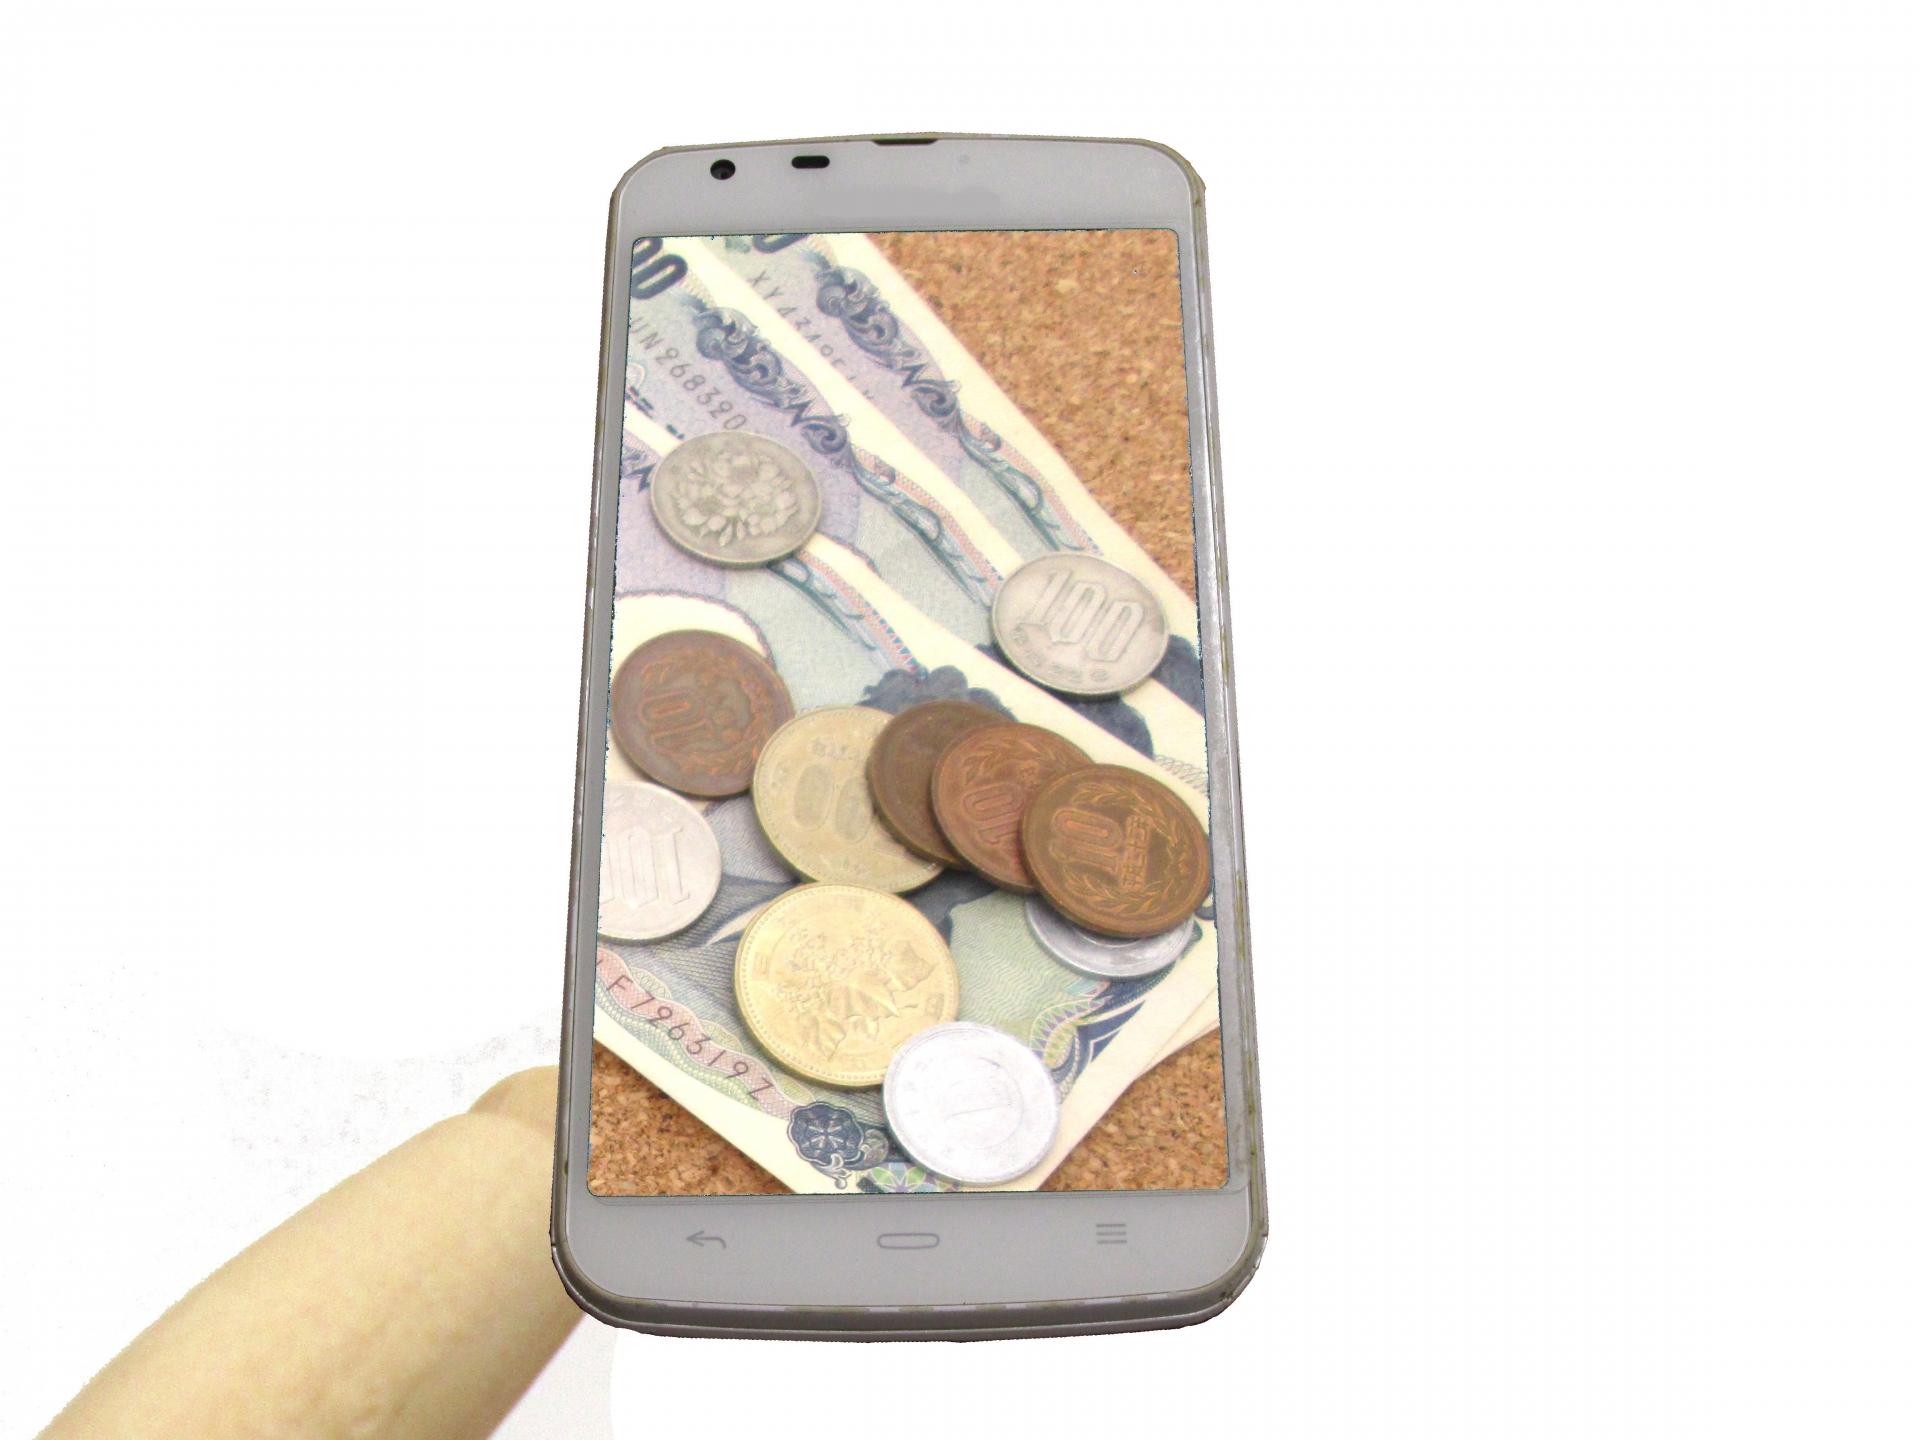 携帯キャリア決済を現金化するのは違法なのか?